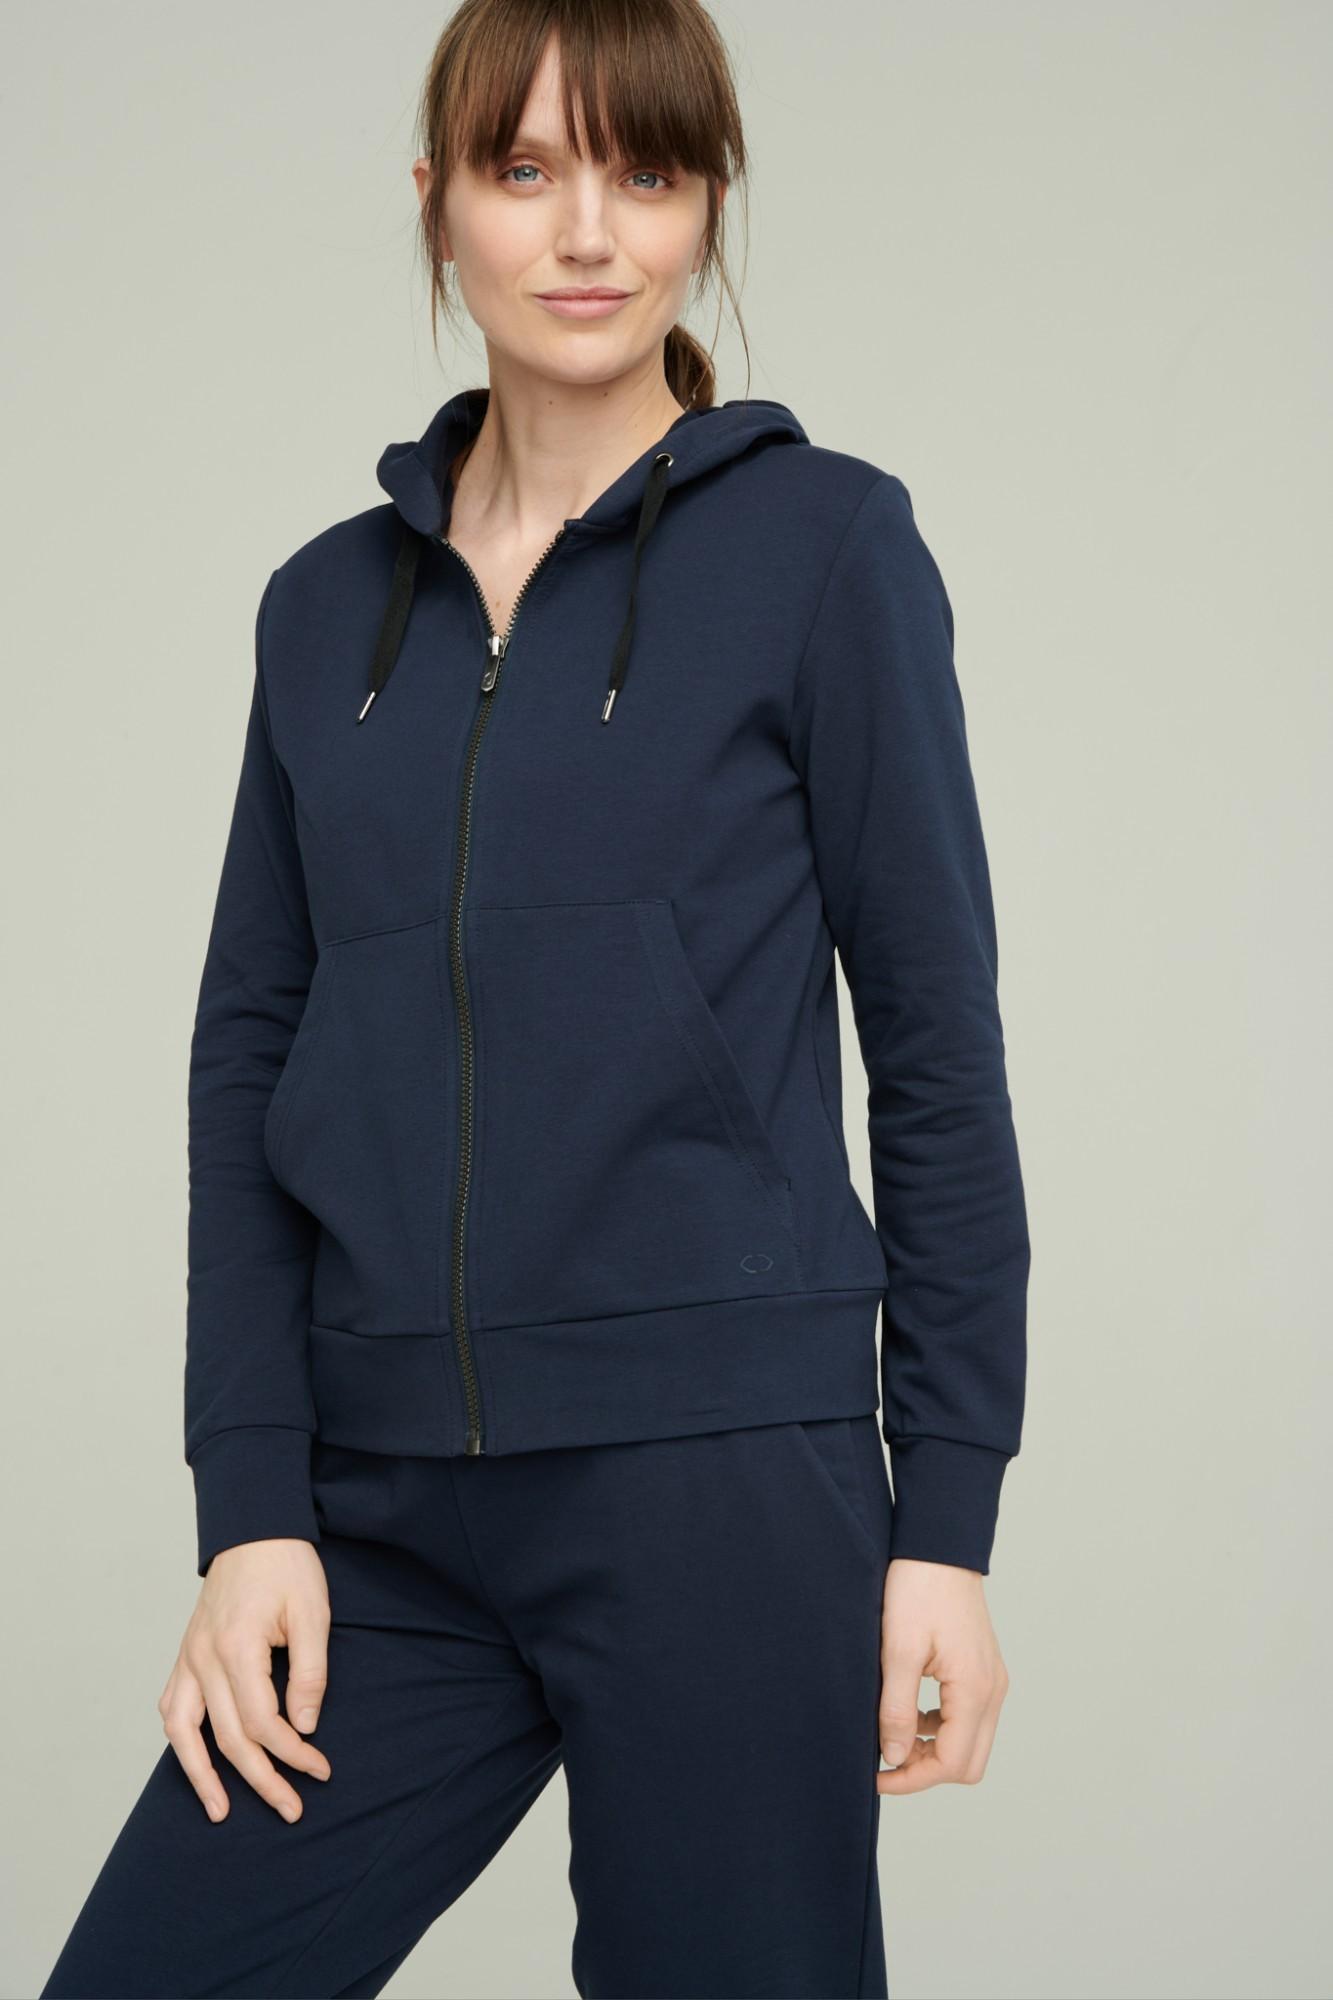 AUDIMAS Atsegamas medv. džemp. su gobtuvu 2111-062 Navy Blazer S